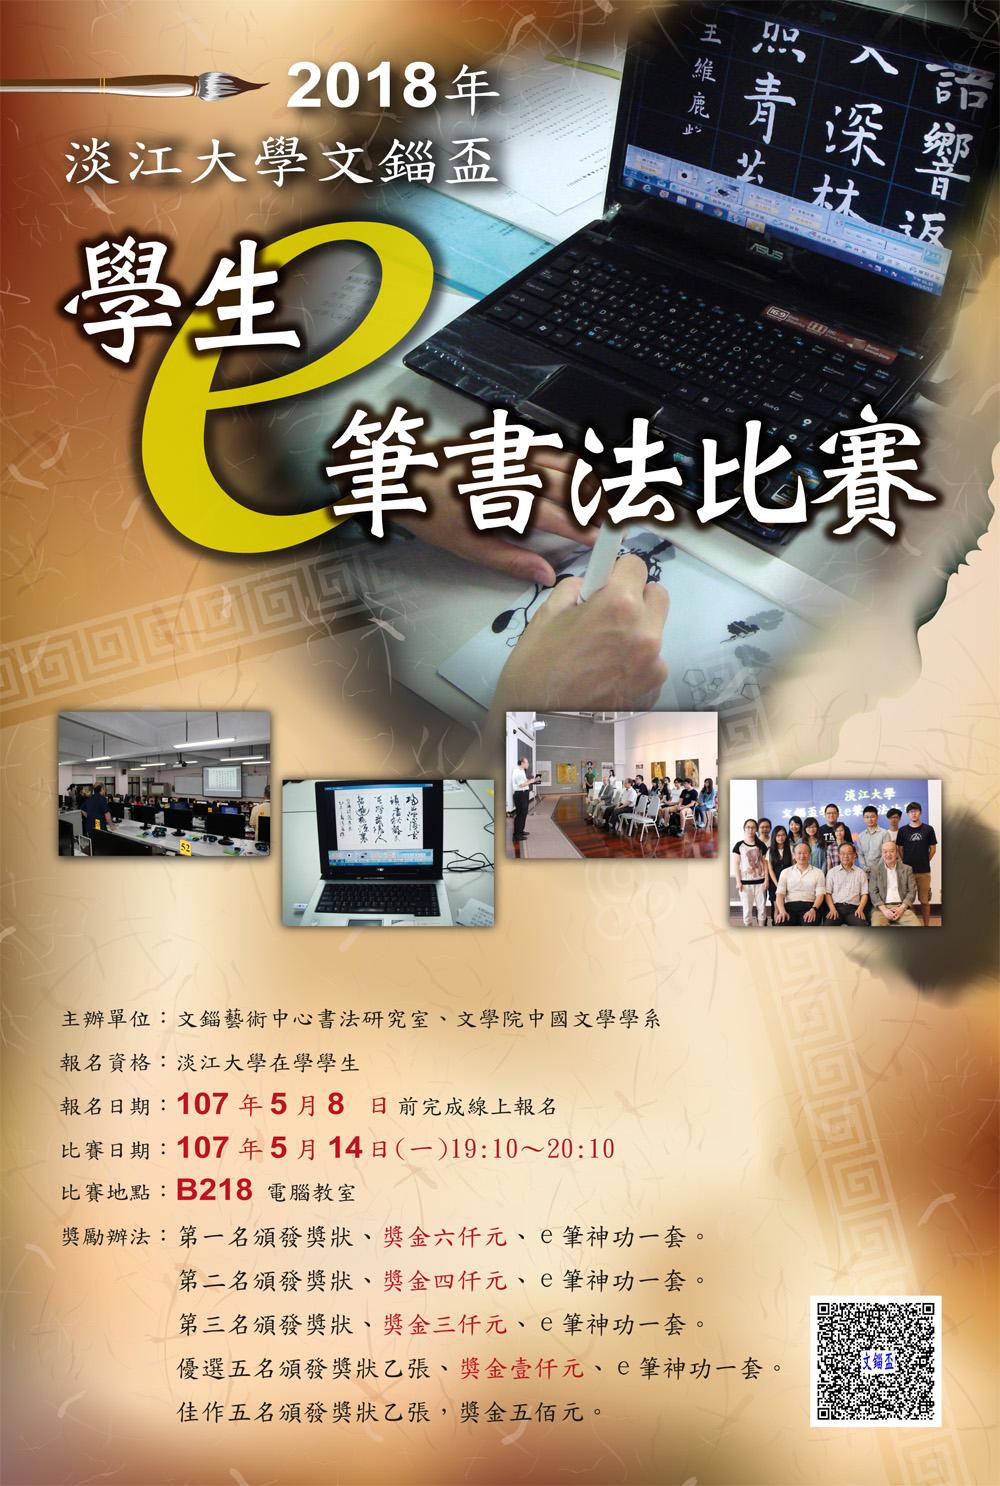 活動海報:文錙盃e筆書法比賽